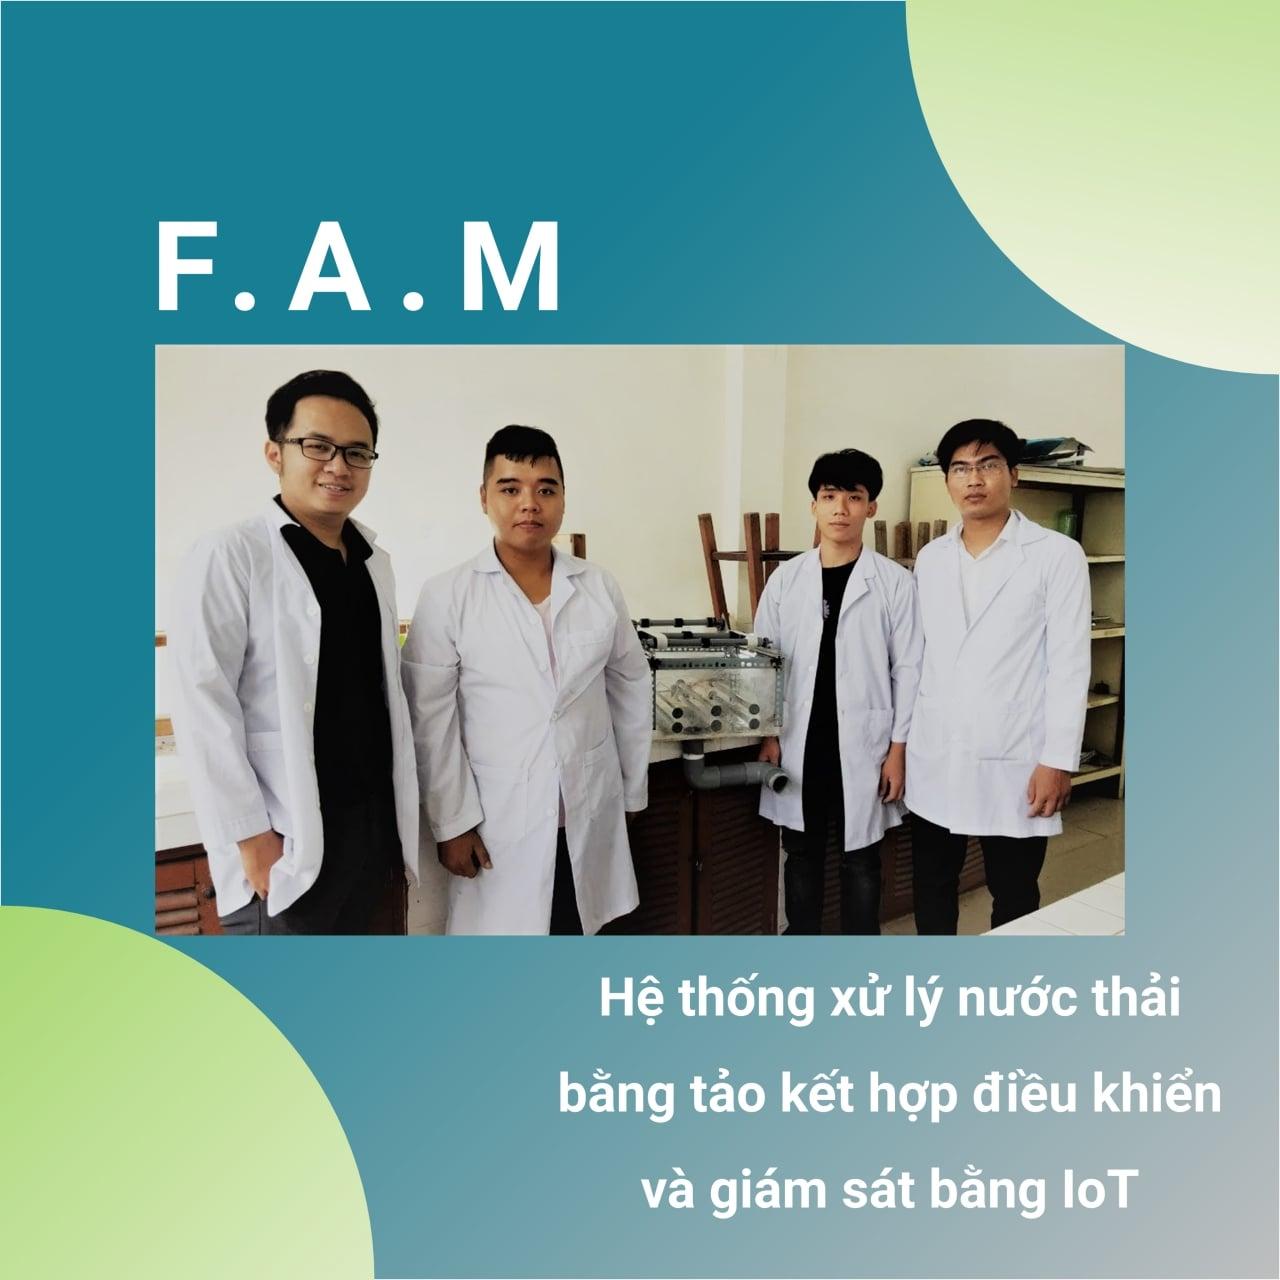 Nhóm F.A.M. - Hệ thống xử lý nước thải bằng tảo kết hợp điều khiển và giám sát bằng IoT